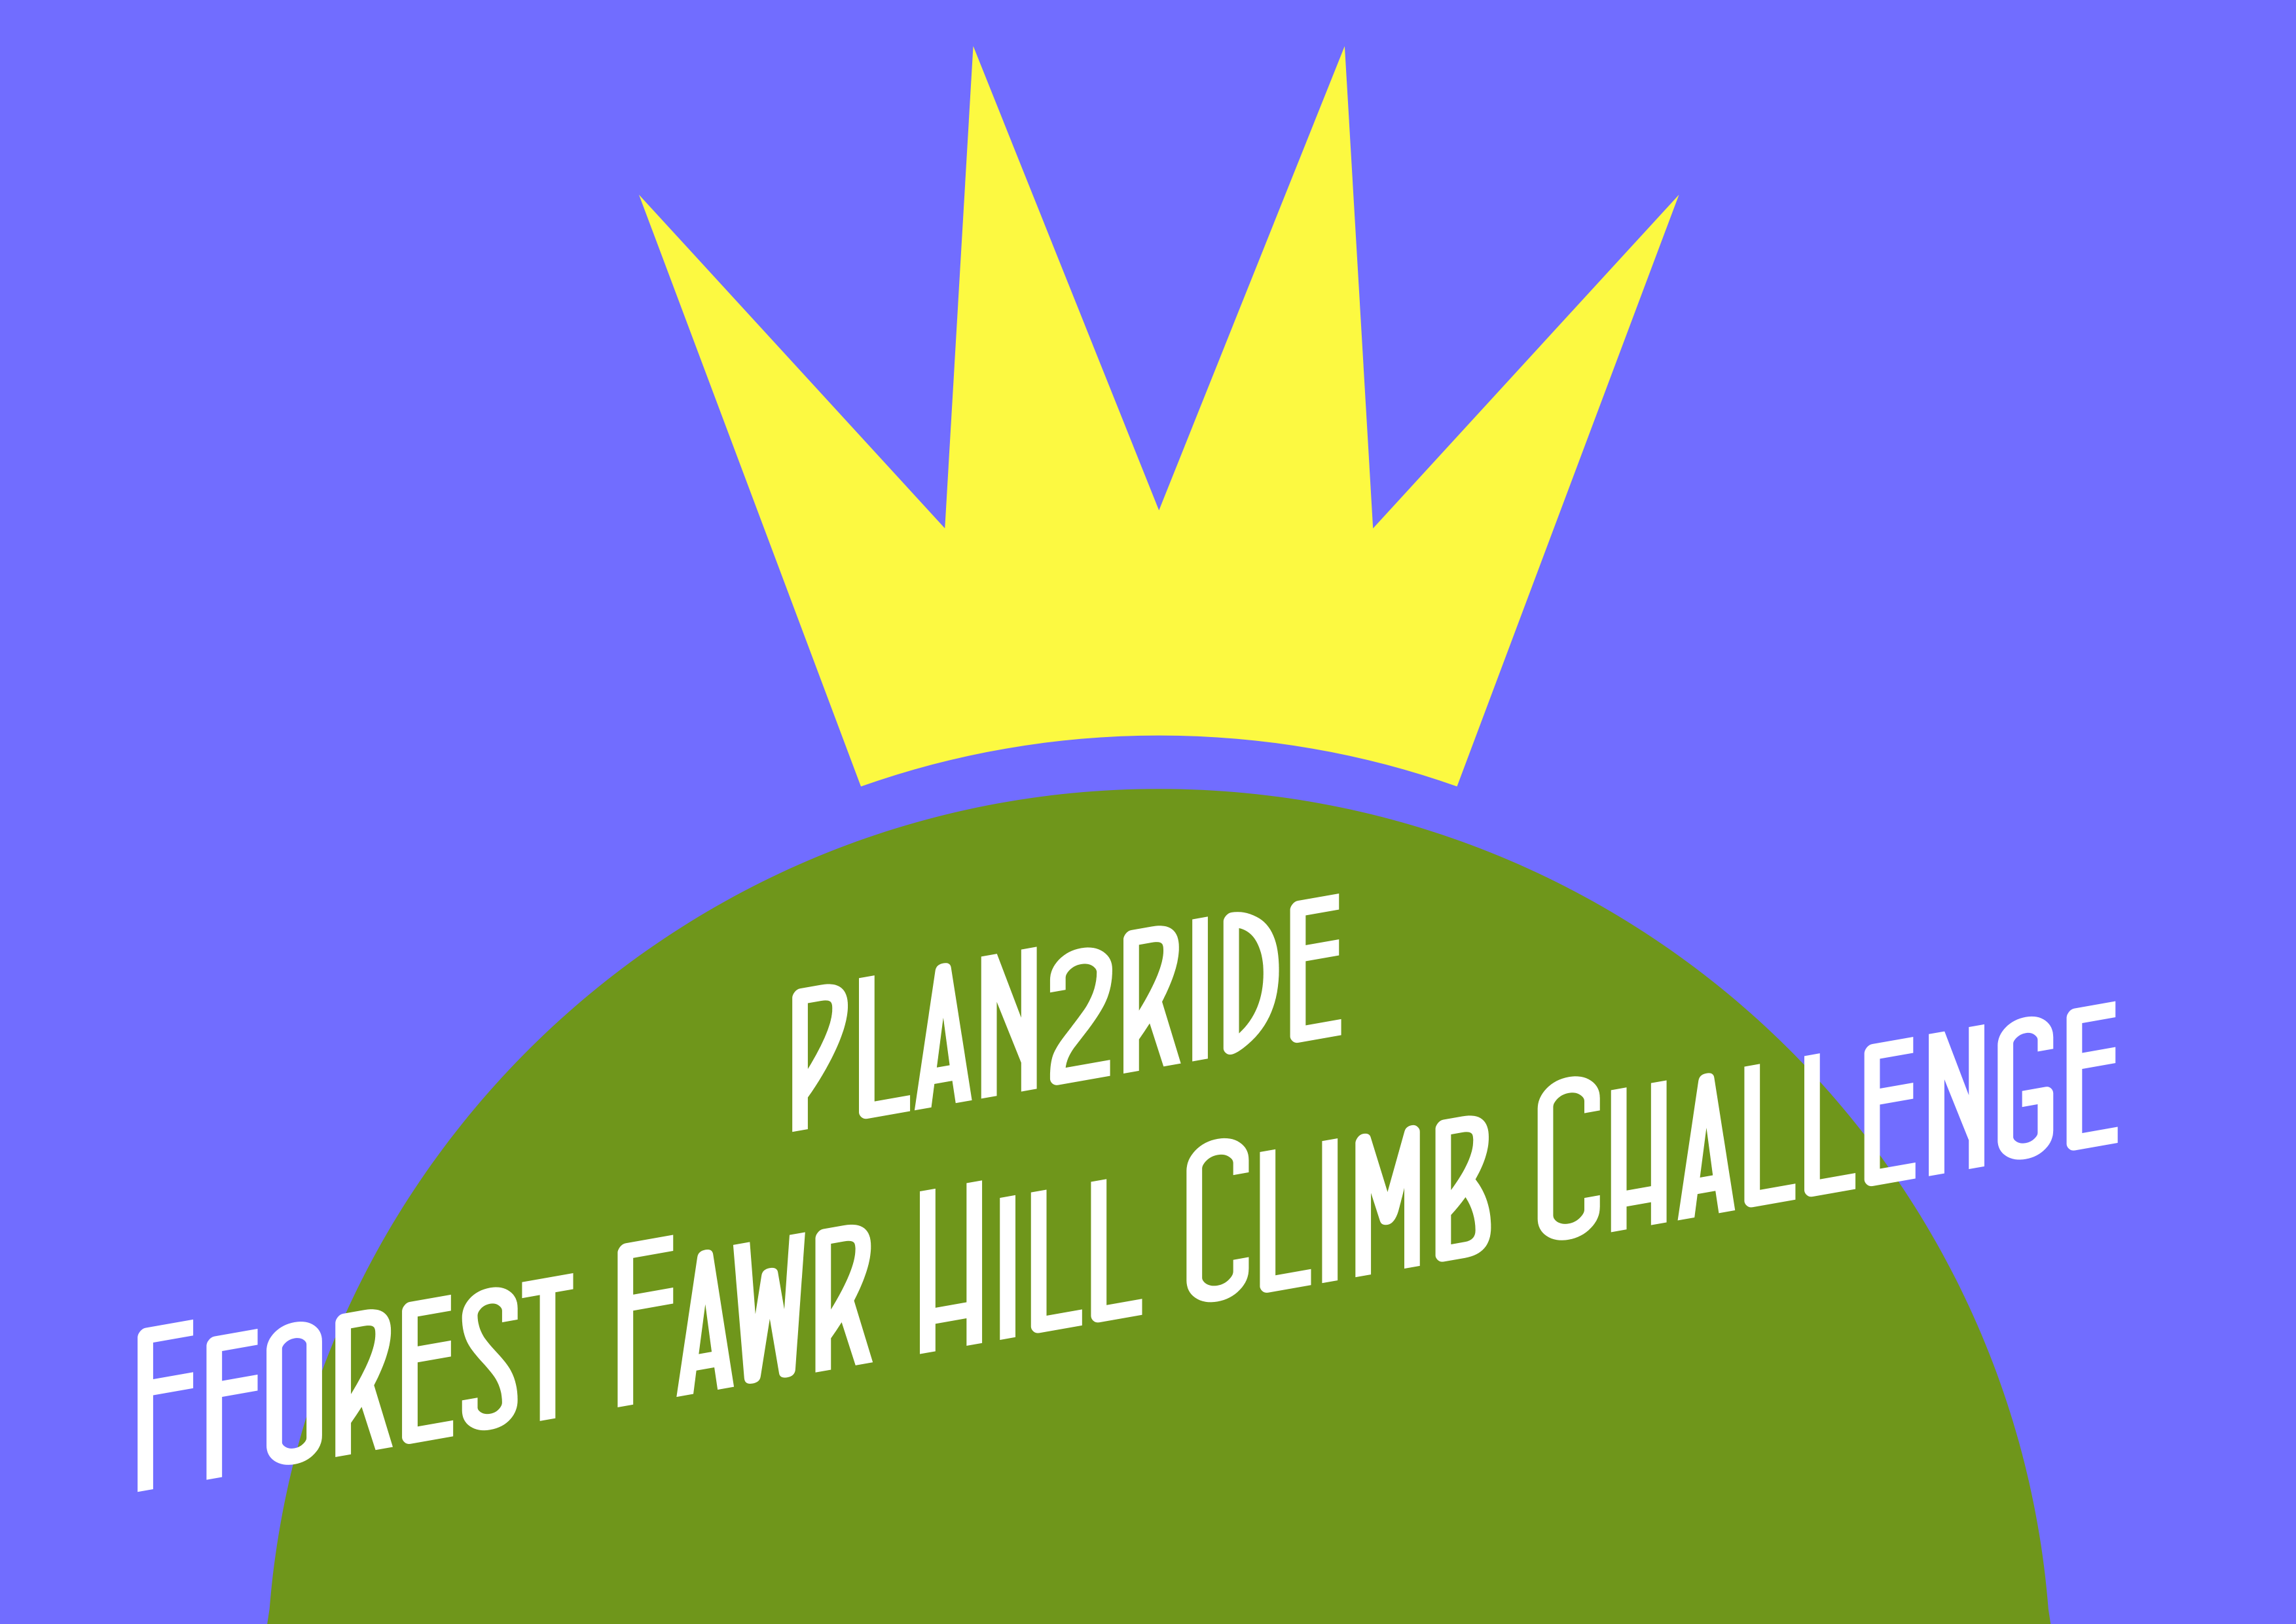 plan2ride Fforest Fawr Hill Climb Challenge